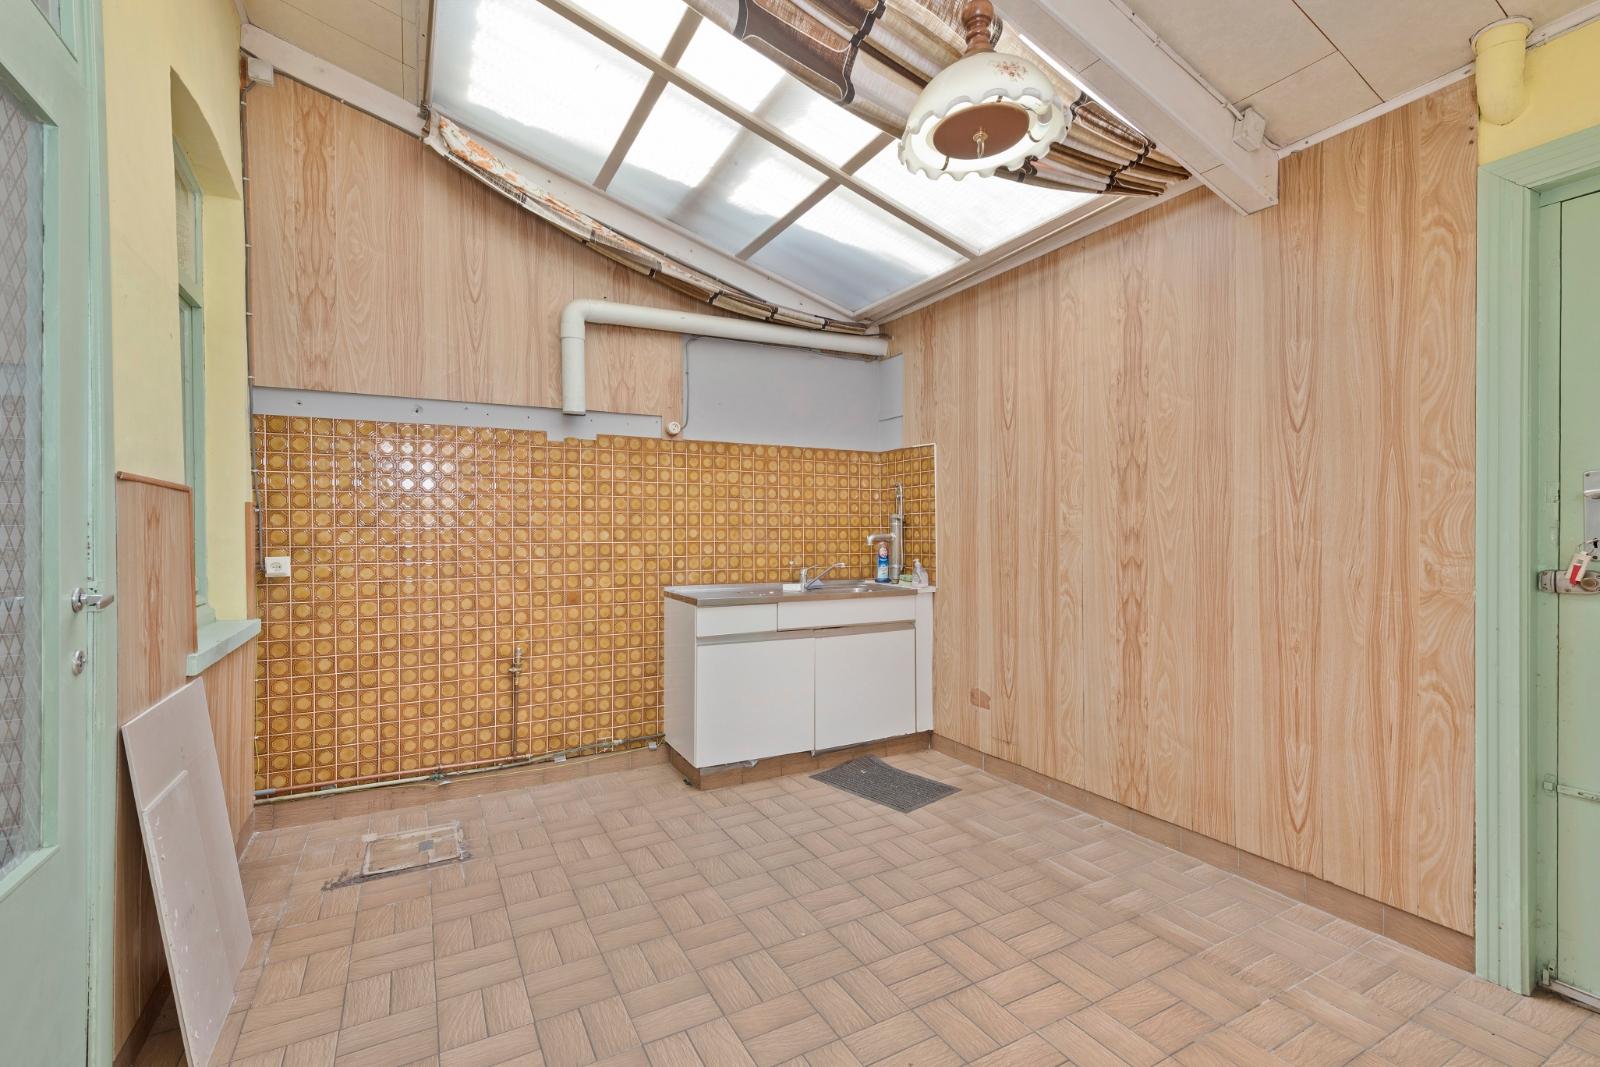 Woning met tal van mogelijkheden in centrum van Brielen - 6